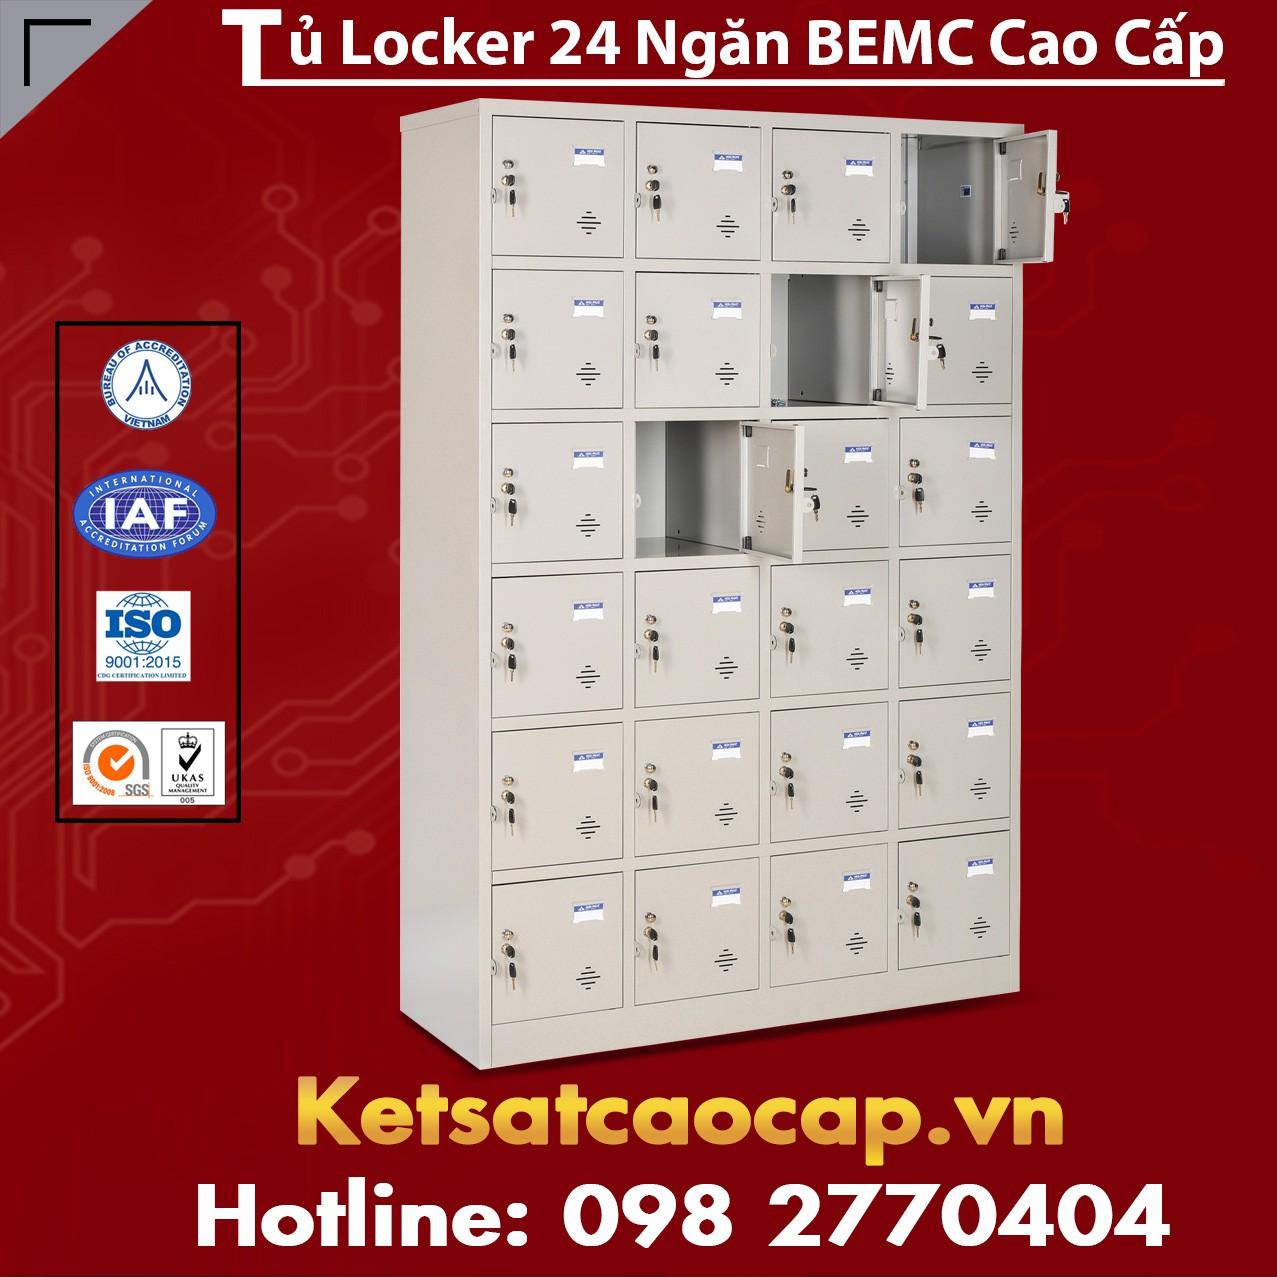 Tủ Locker BEMC 24 Ngăn